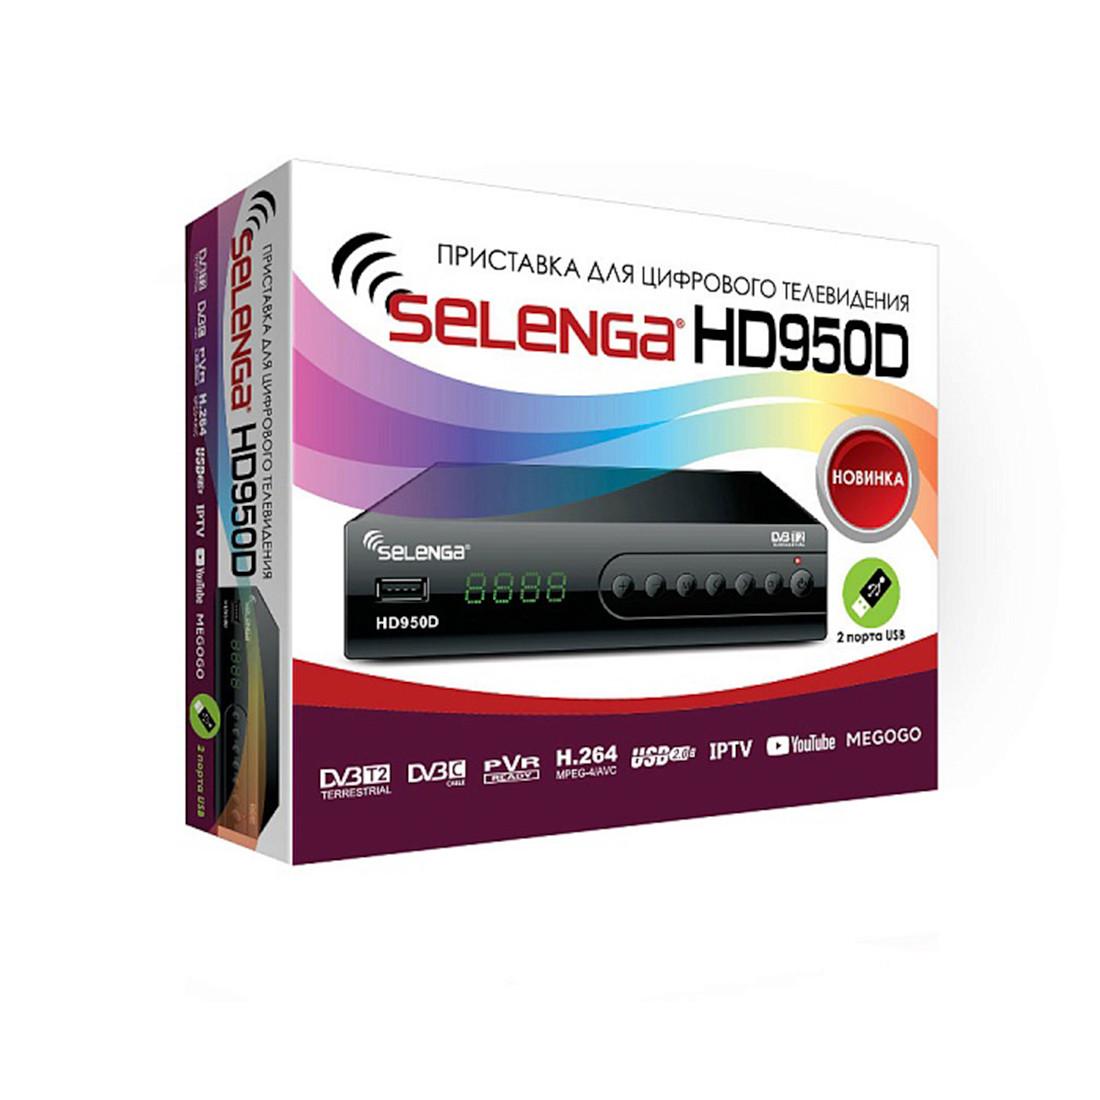 Цифровая приставка DVB-T2 SELENGA HD950D GX 3235S MAXLINEAR MXL 608 дисплей кнопки АС3 HDMI 2 USB RCA ANT IN/OUT БП встроенный 220 В